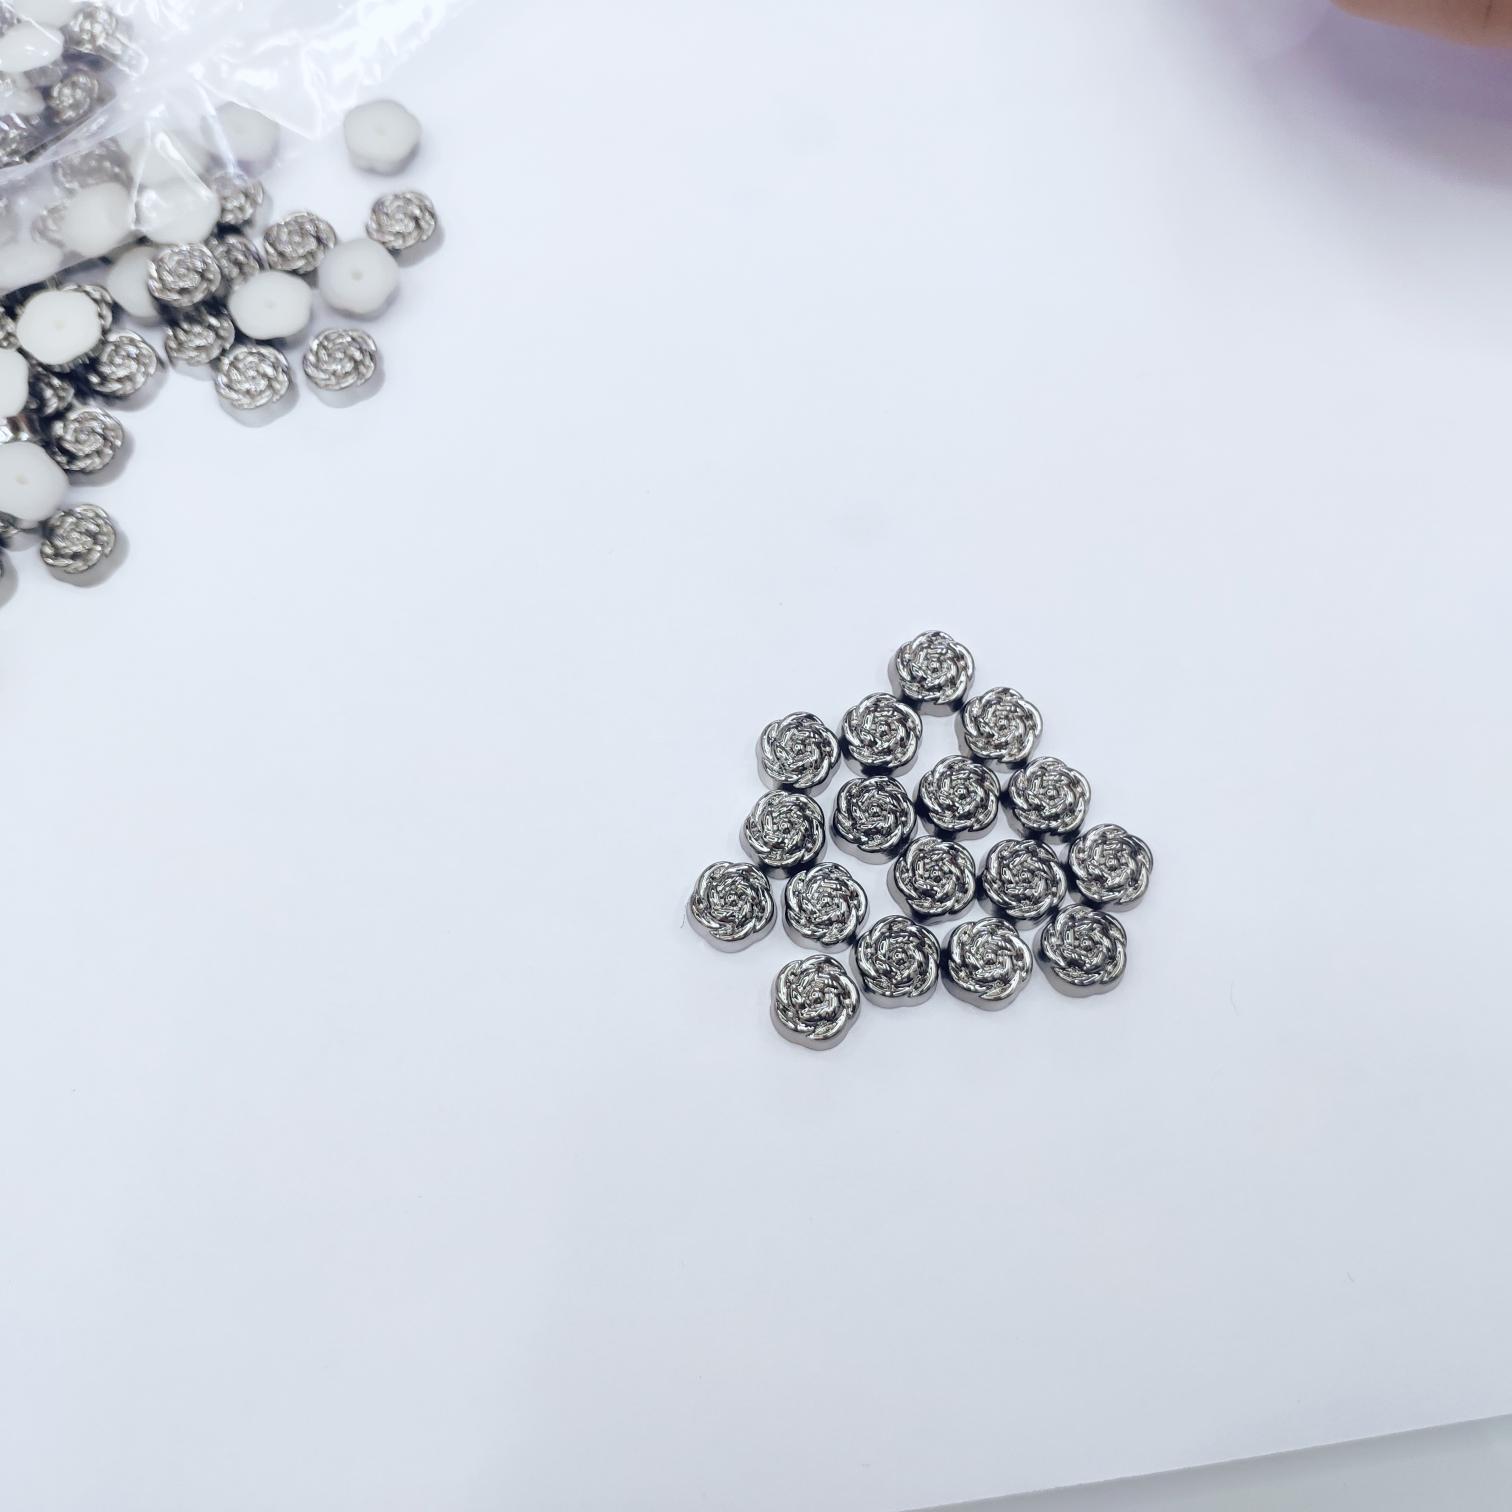 厂家直销 ABS材质撞钉 10mm玫瑰花形铆钉 塑料胶钉 鞋子包包饰品配件